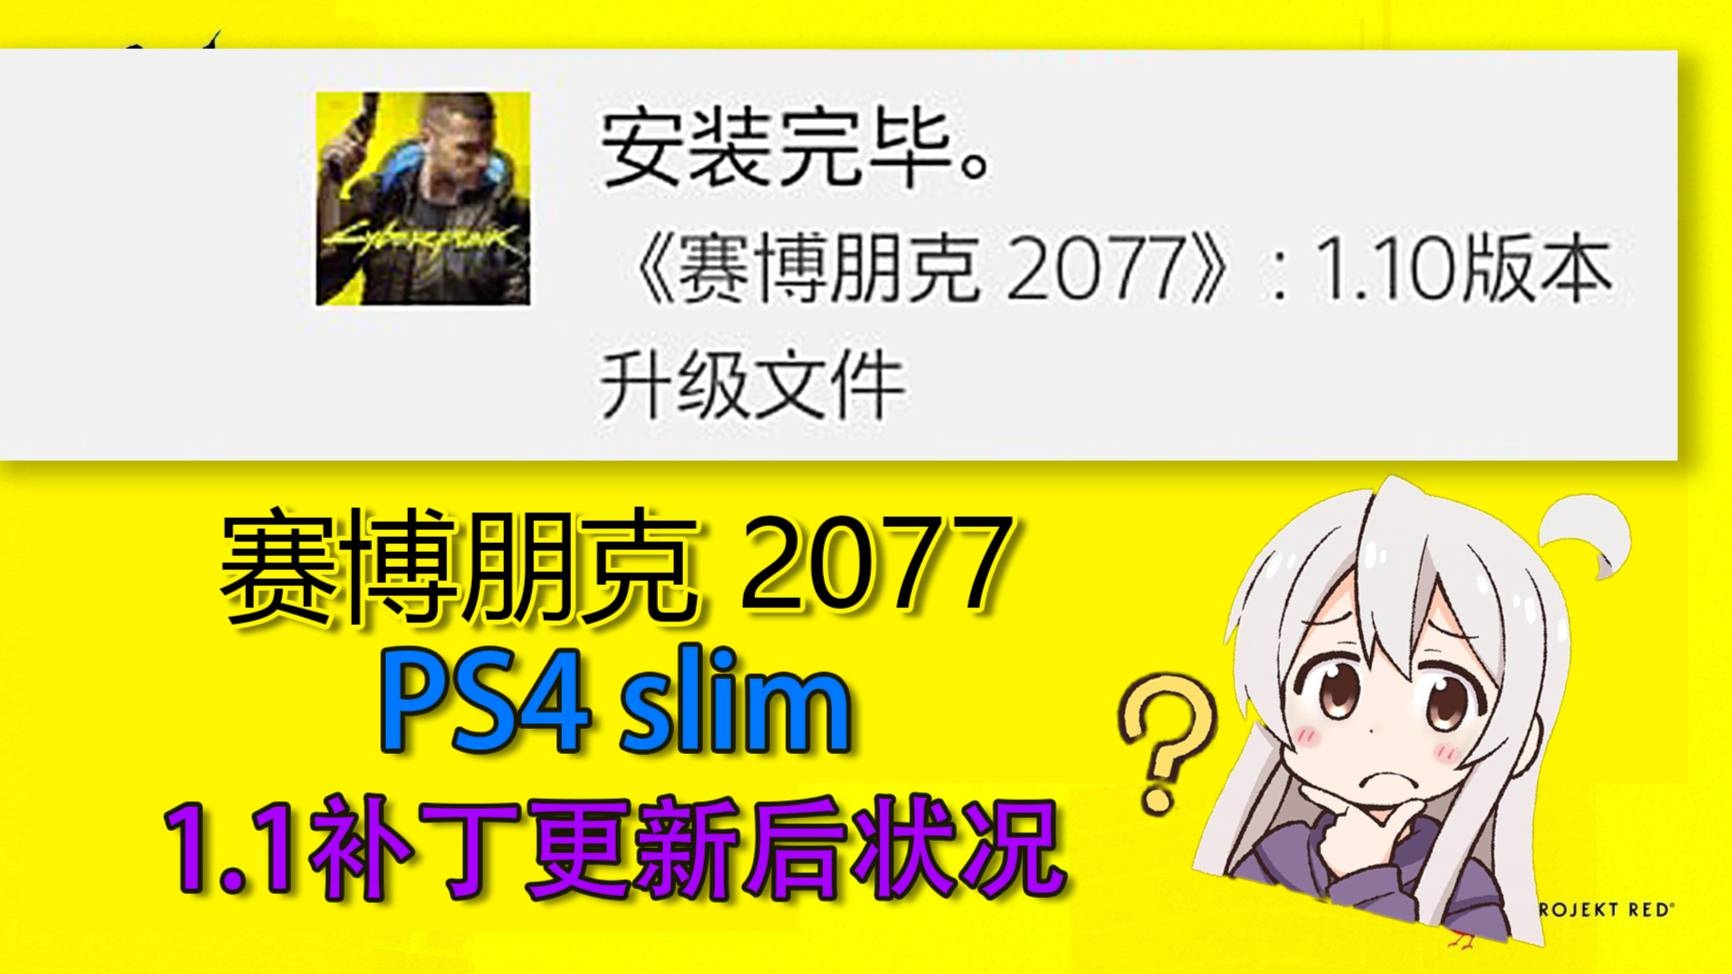 赛博朋克2077 PS4 slim 最新1.10补丁更新后游戏情况,现在可以玩了吗?